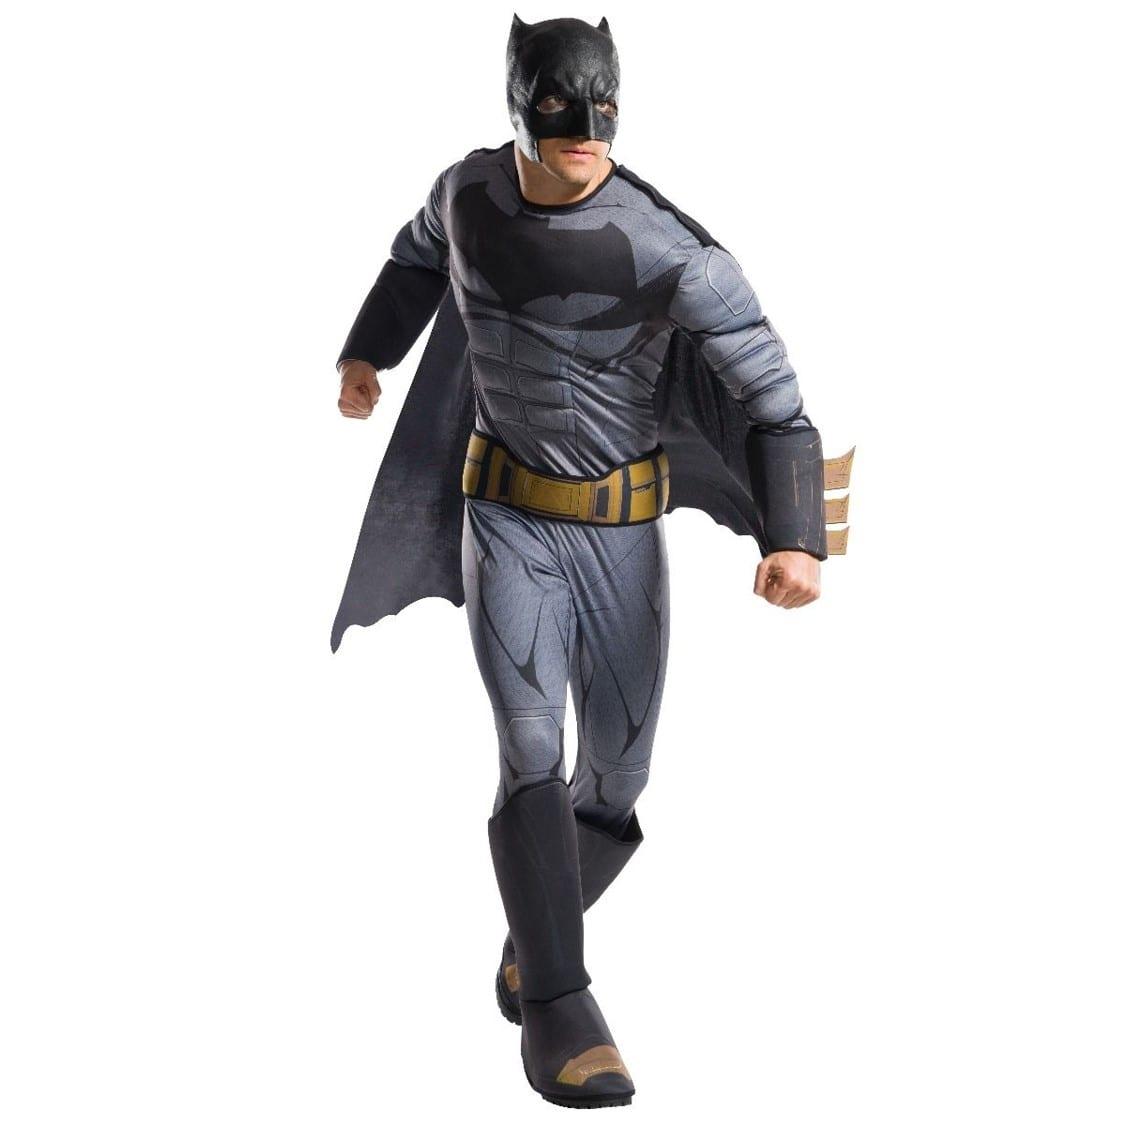 תחפושת באטמן דלוקס למבוגרים – פורים רוביס